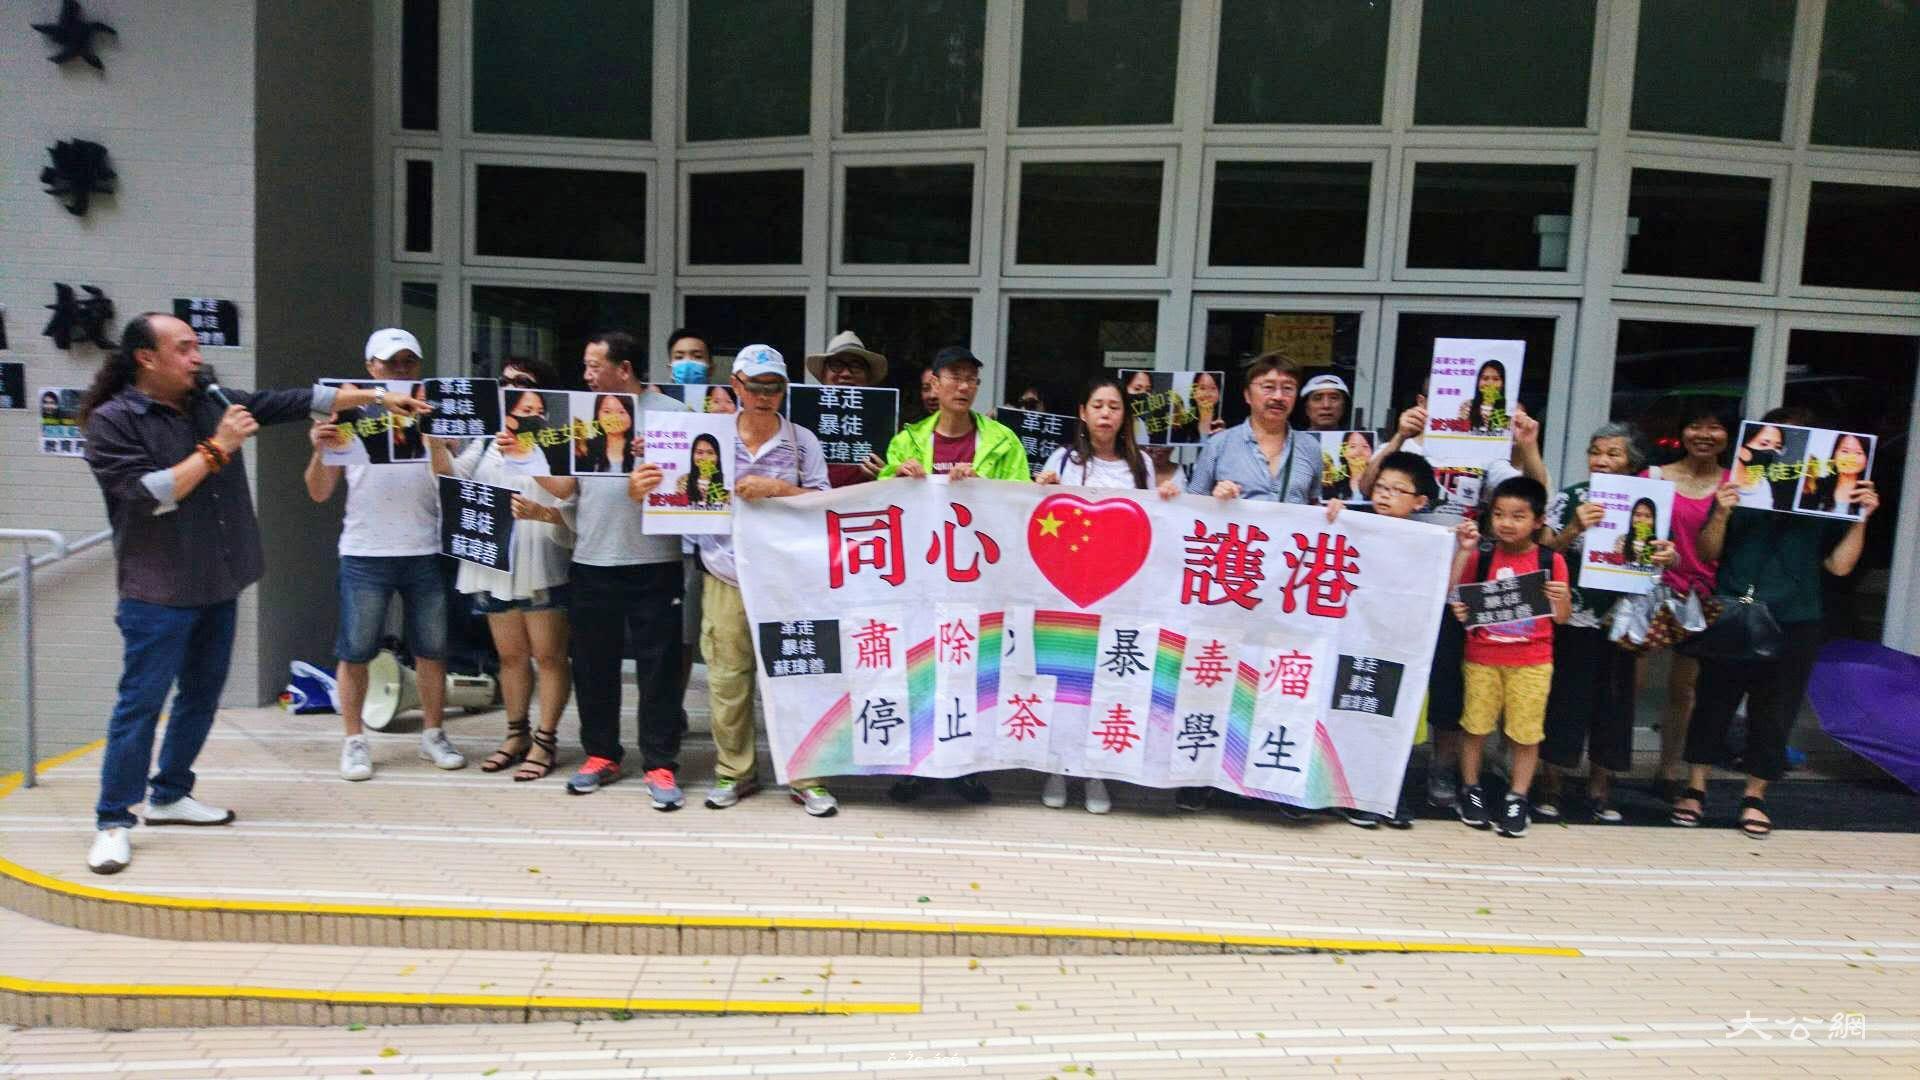 不同團體赴英華請願 促革走失德「黃師」蘇瑋善 - 華發網繁體版